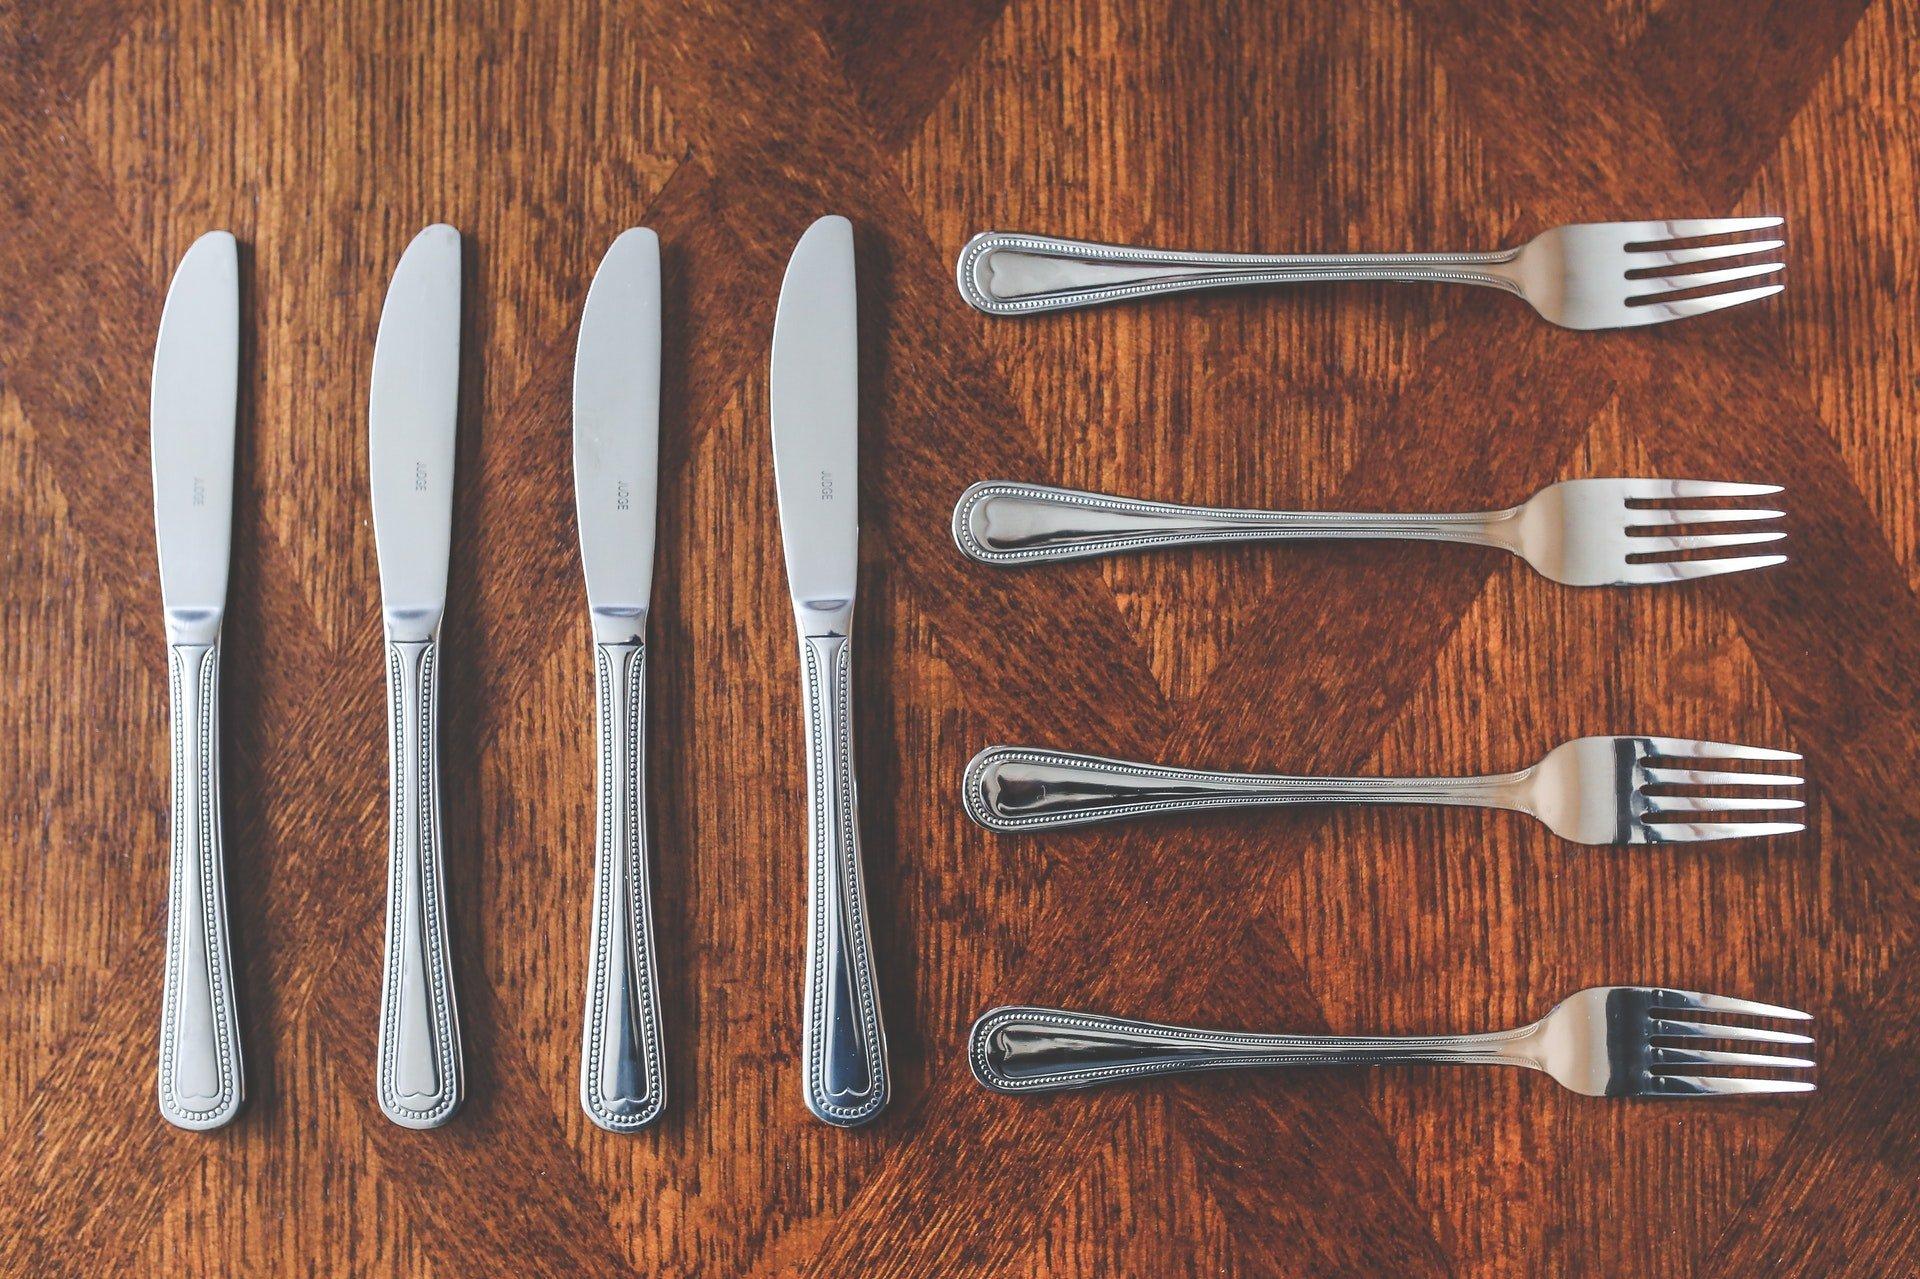 Een viertal zilveren messen en vorken op een houten tafel